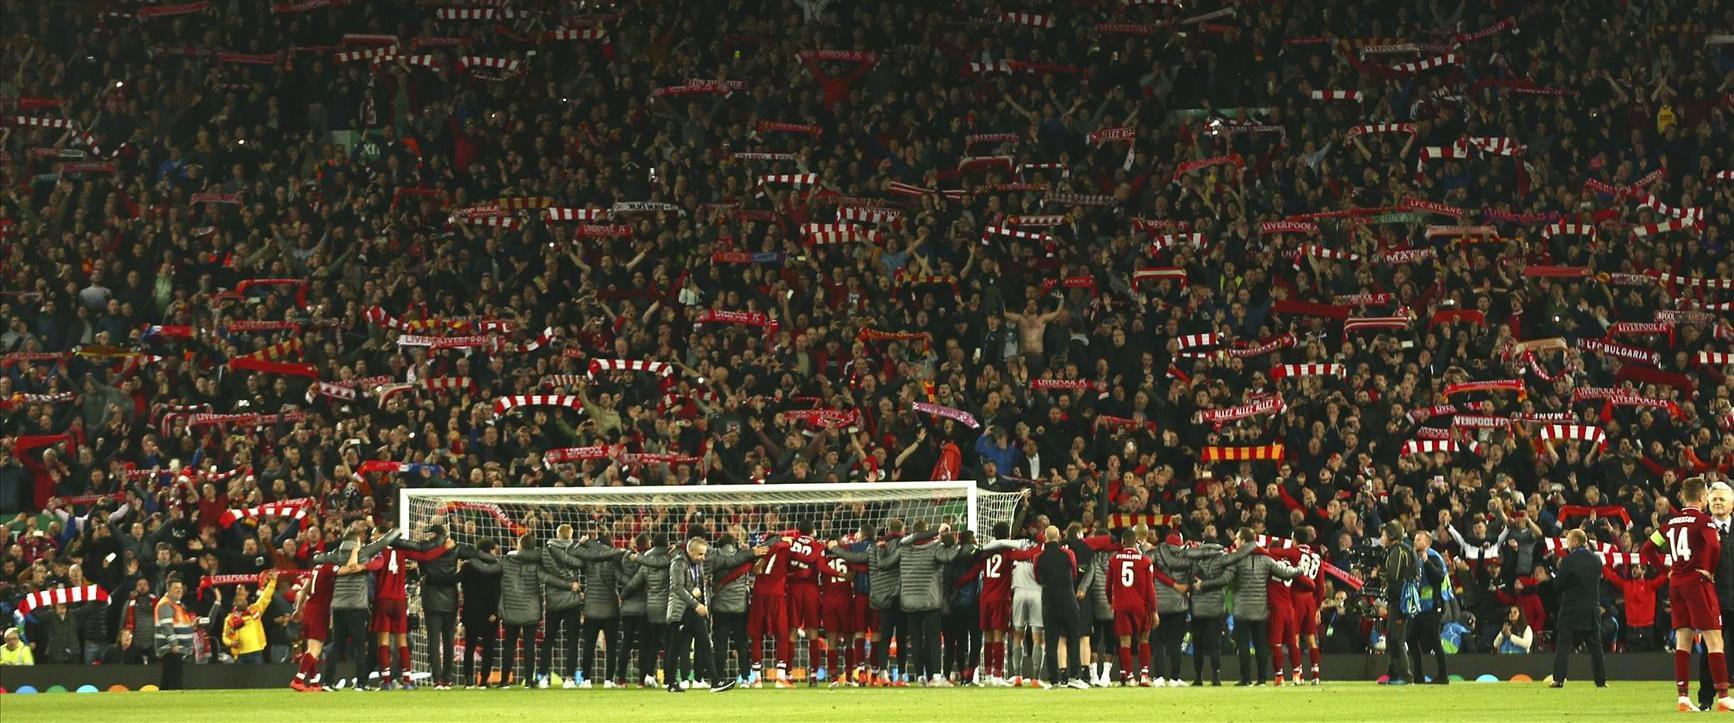 שחקני ליברפול לאחר הניצחון על ברצלונה בליגת האלופו